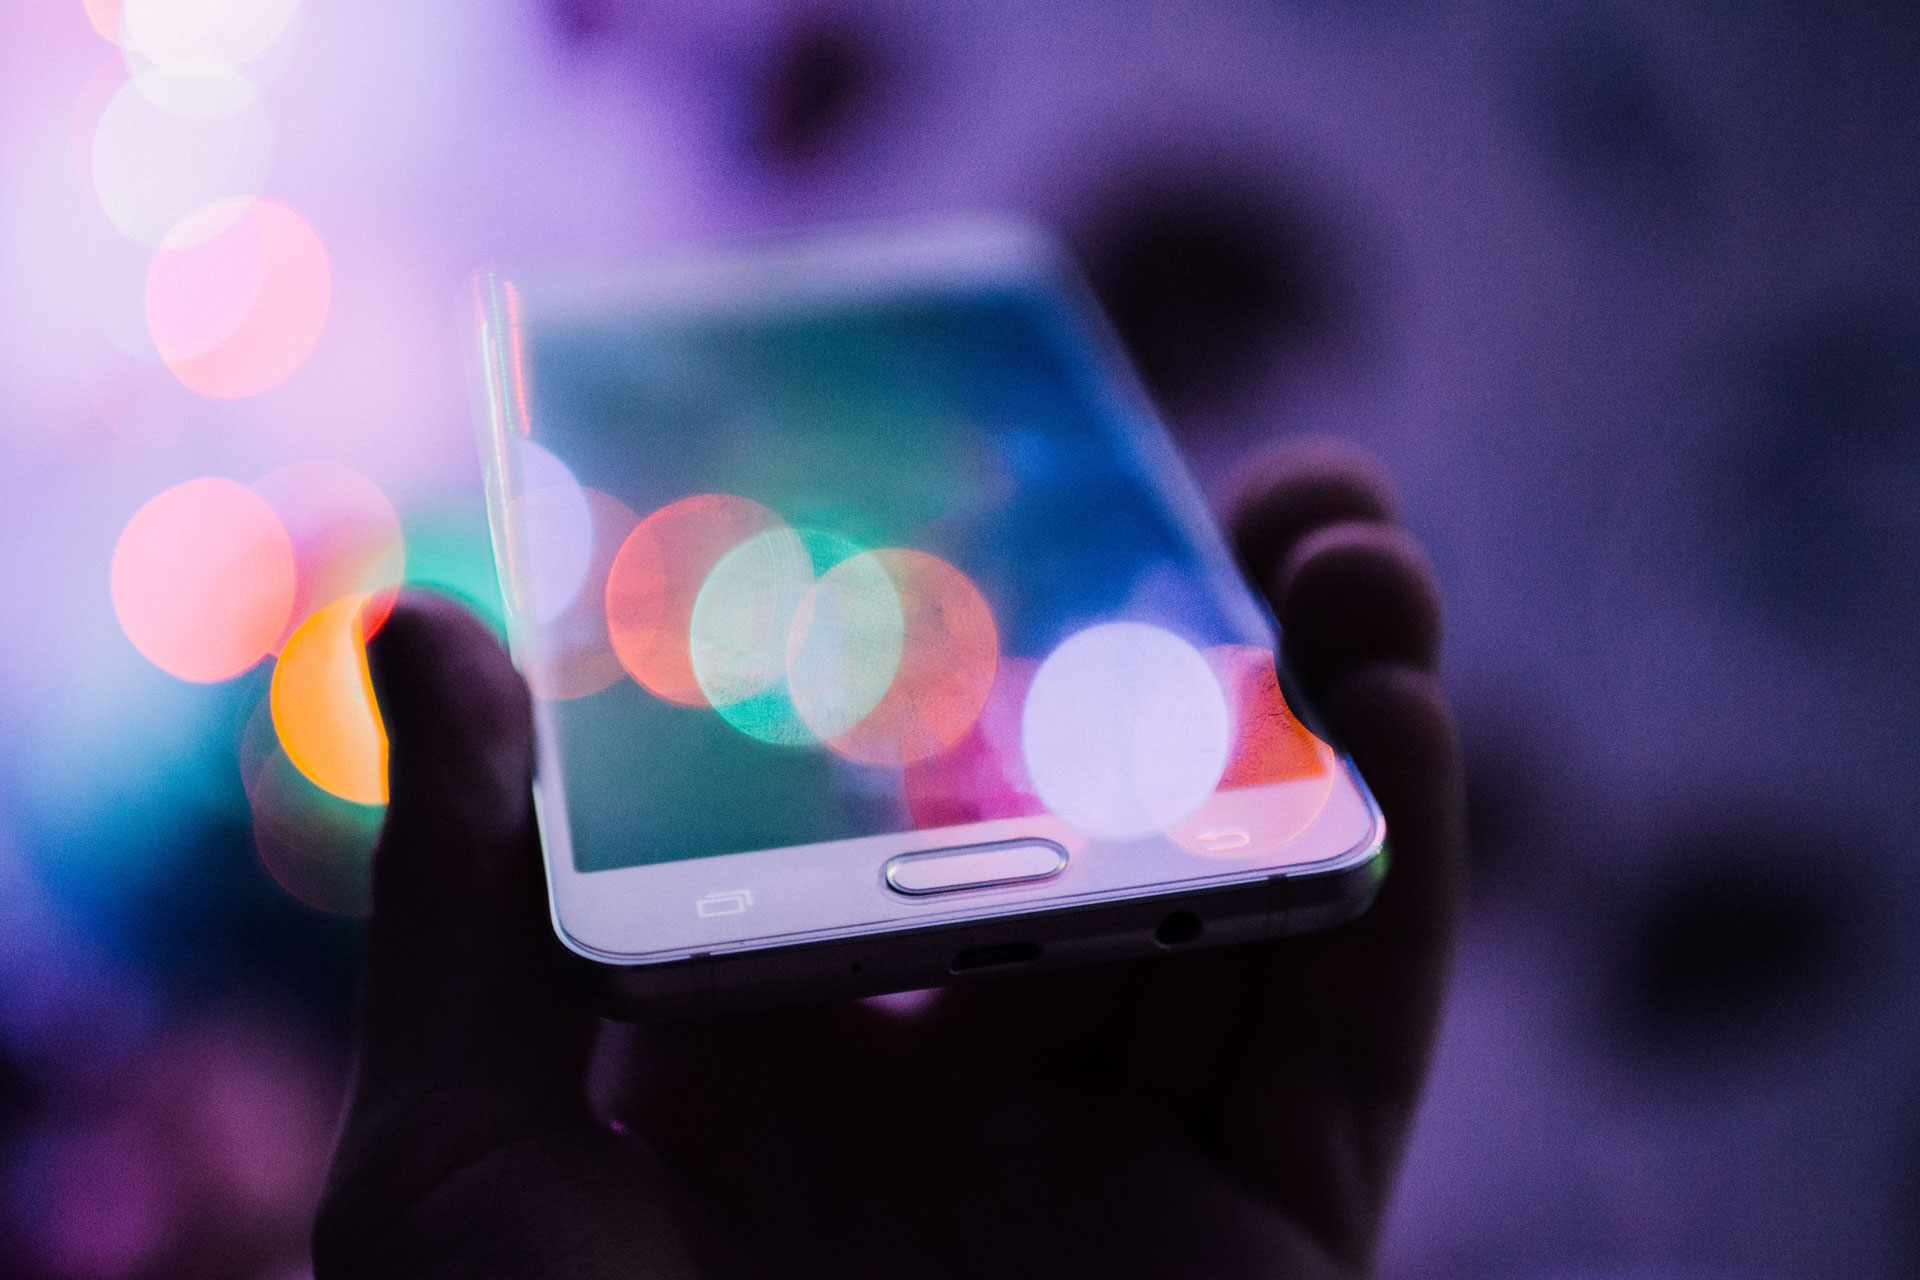 Mobilvennlige sider er viktig for søkeoptimalisering